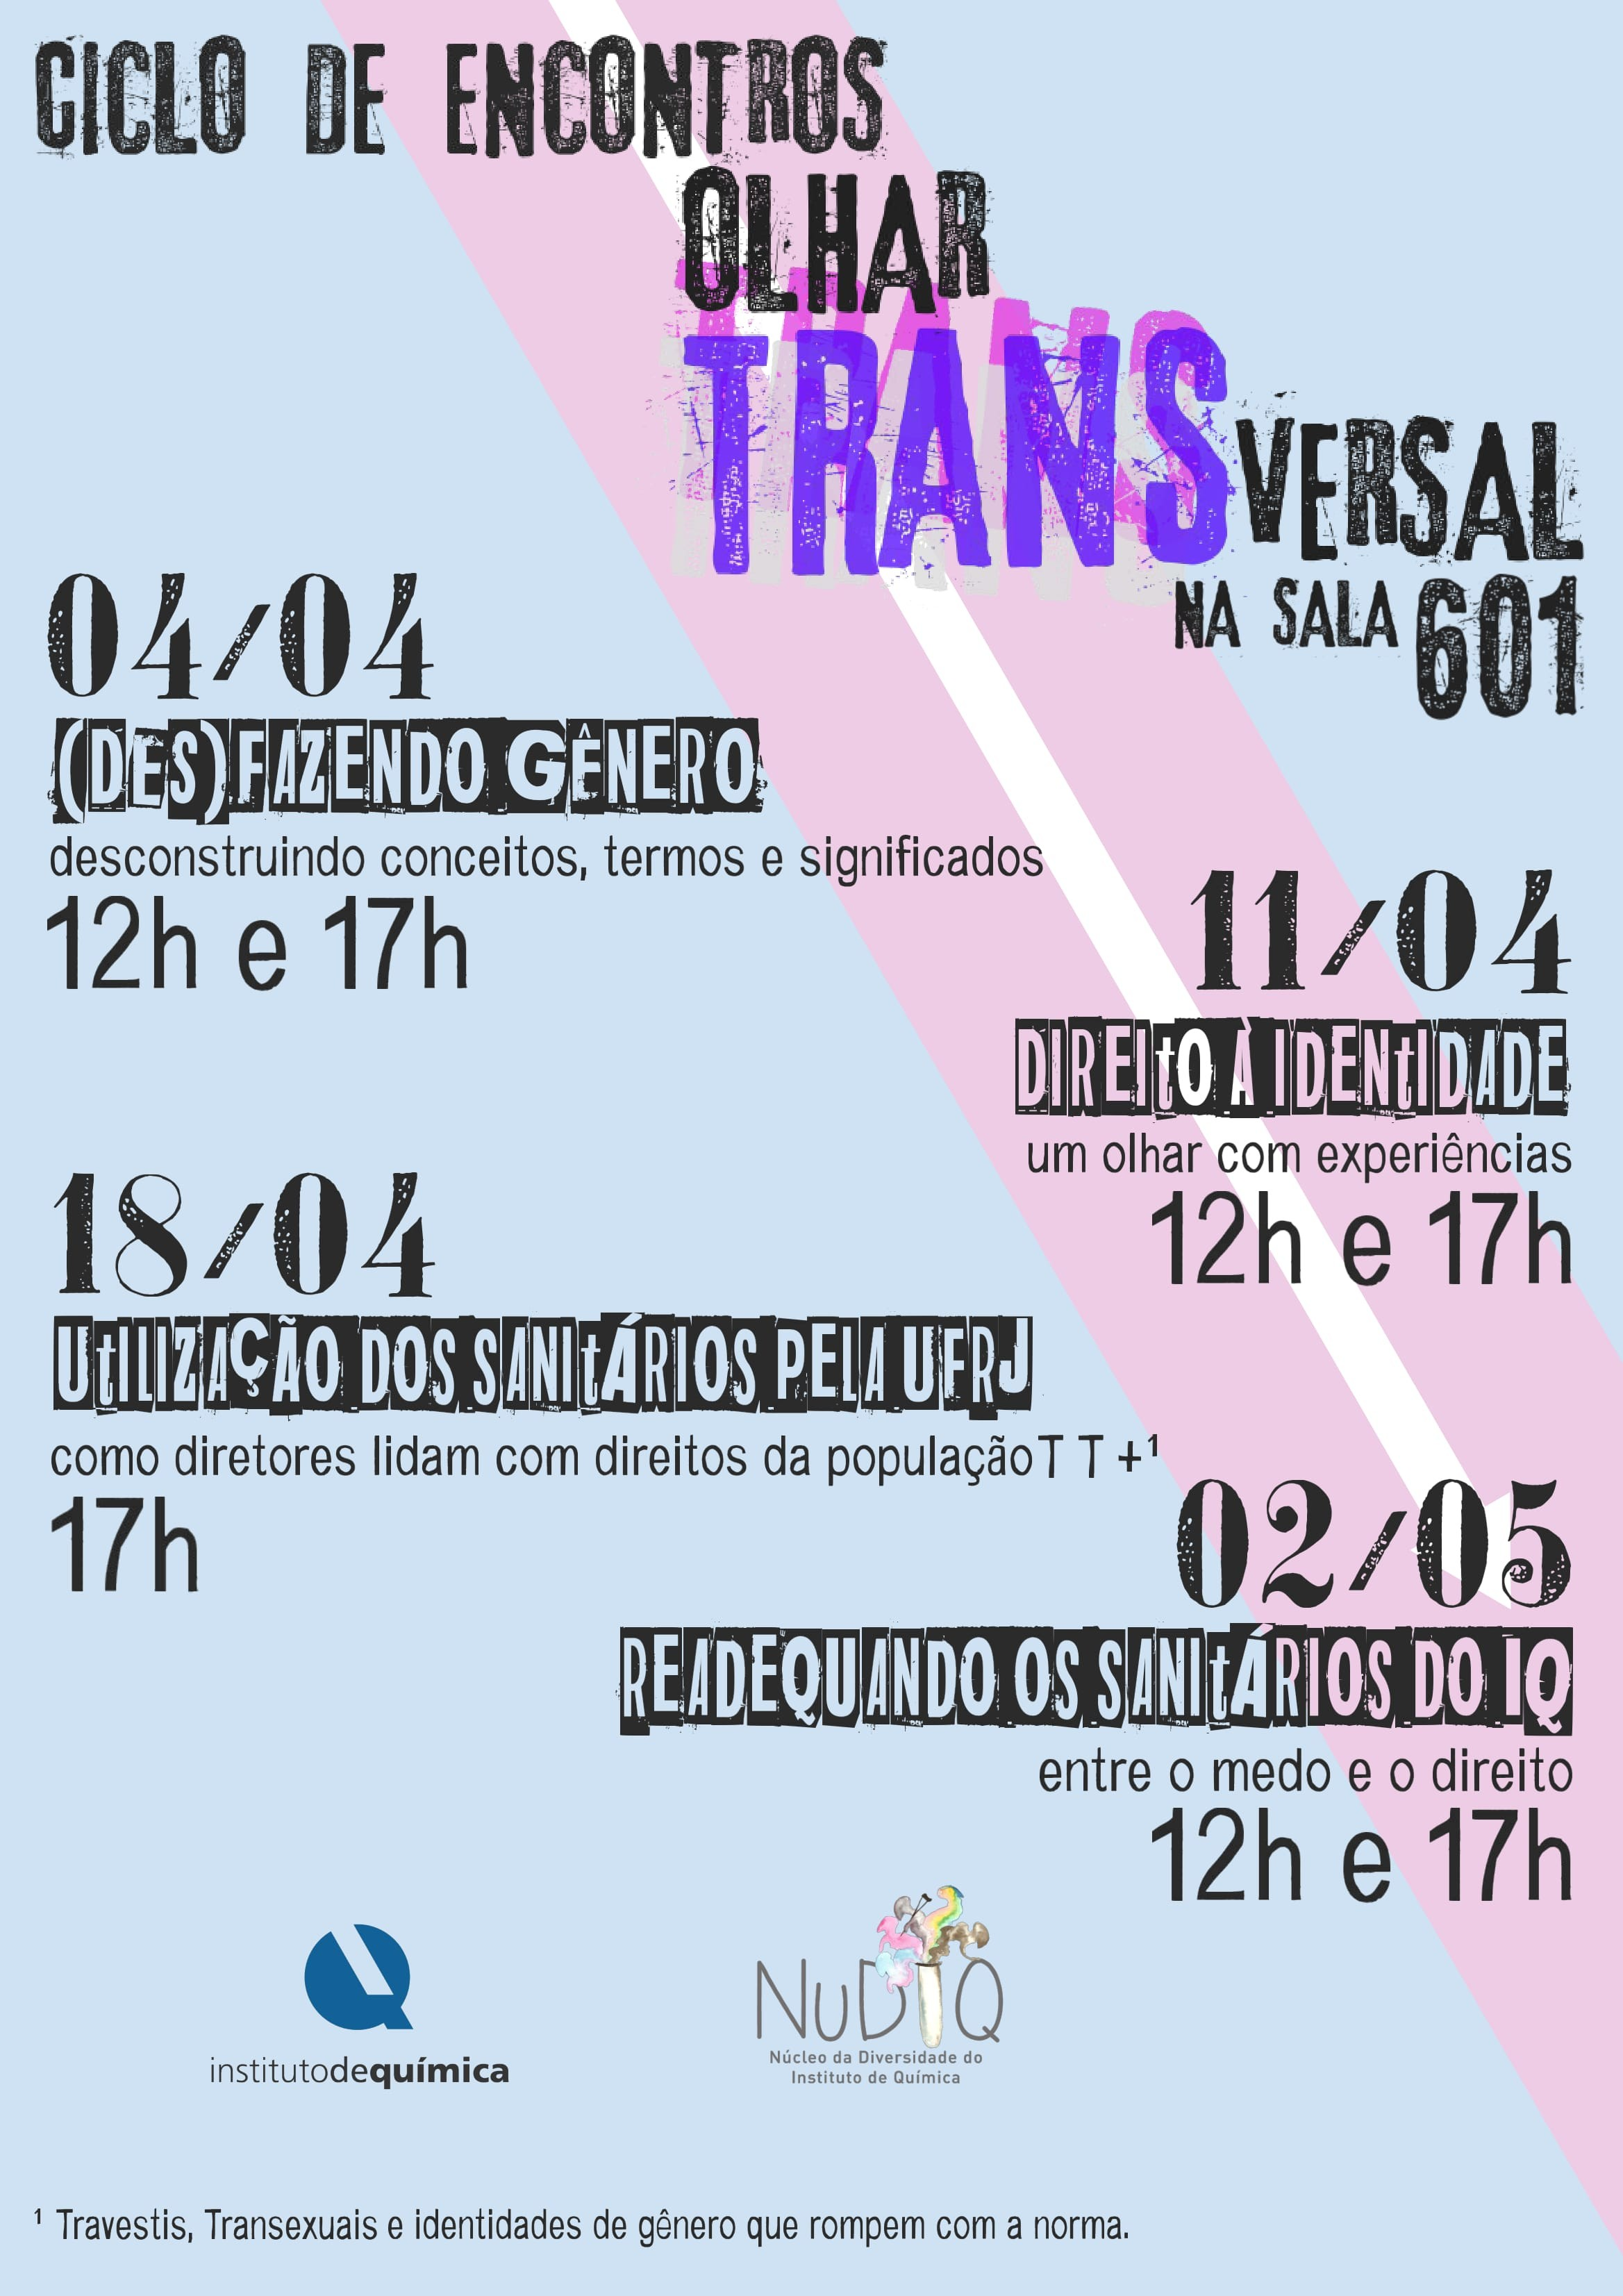 Calendario 2019 Brasileiro Más Caliente Notcias Do Iq